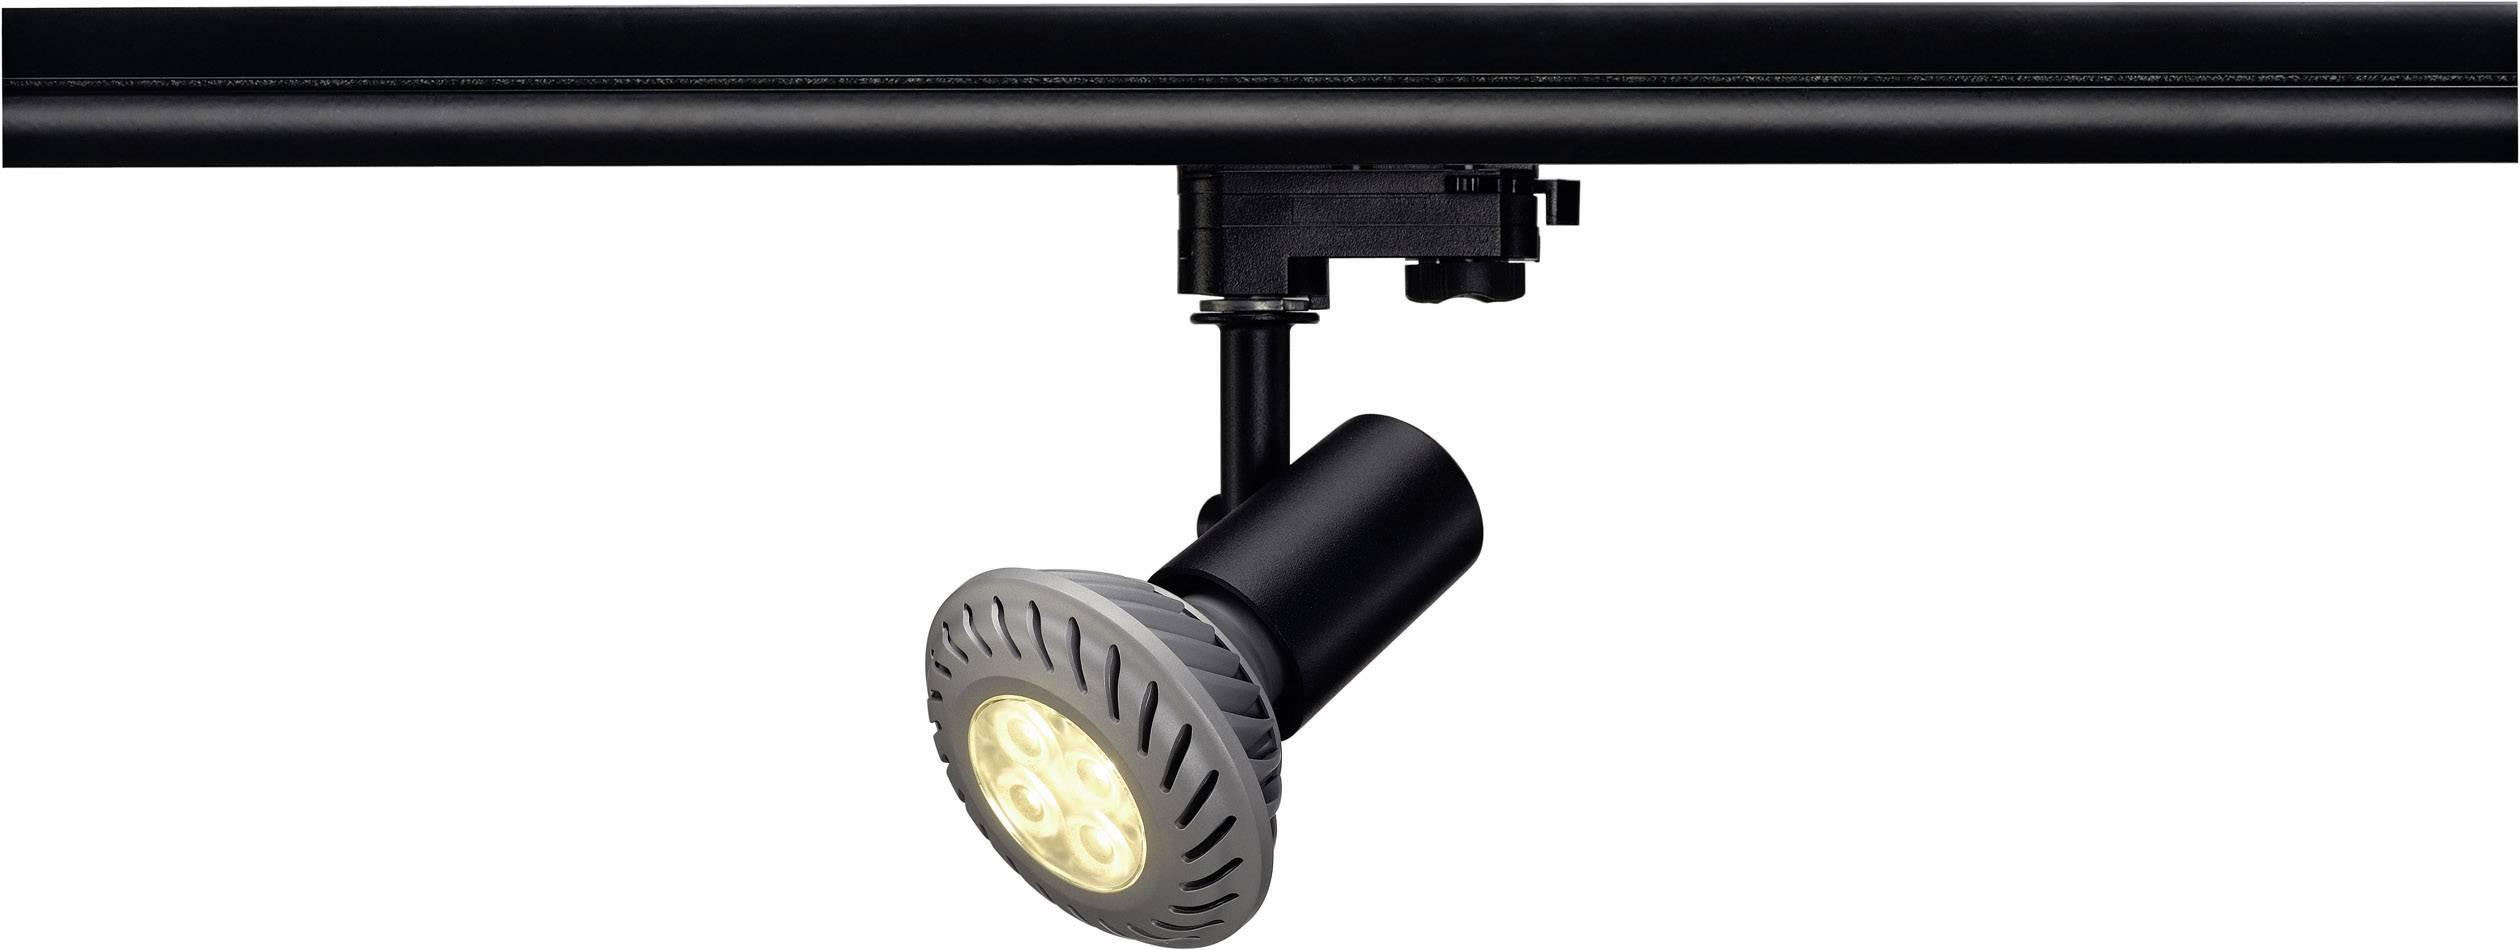 Svítidla do lištových systémů (230 V) SLV E27 152200, 75 W, černá